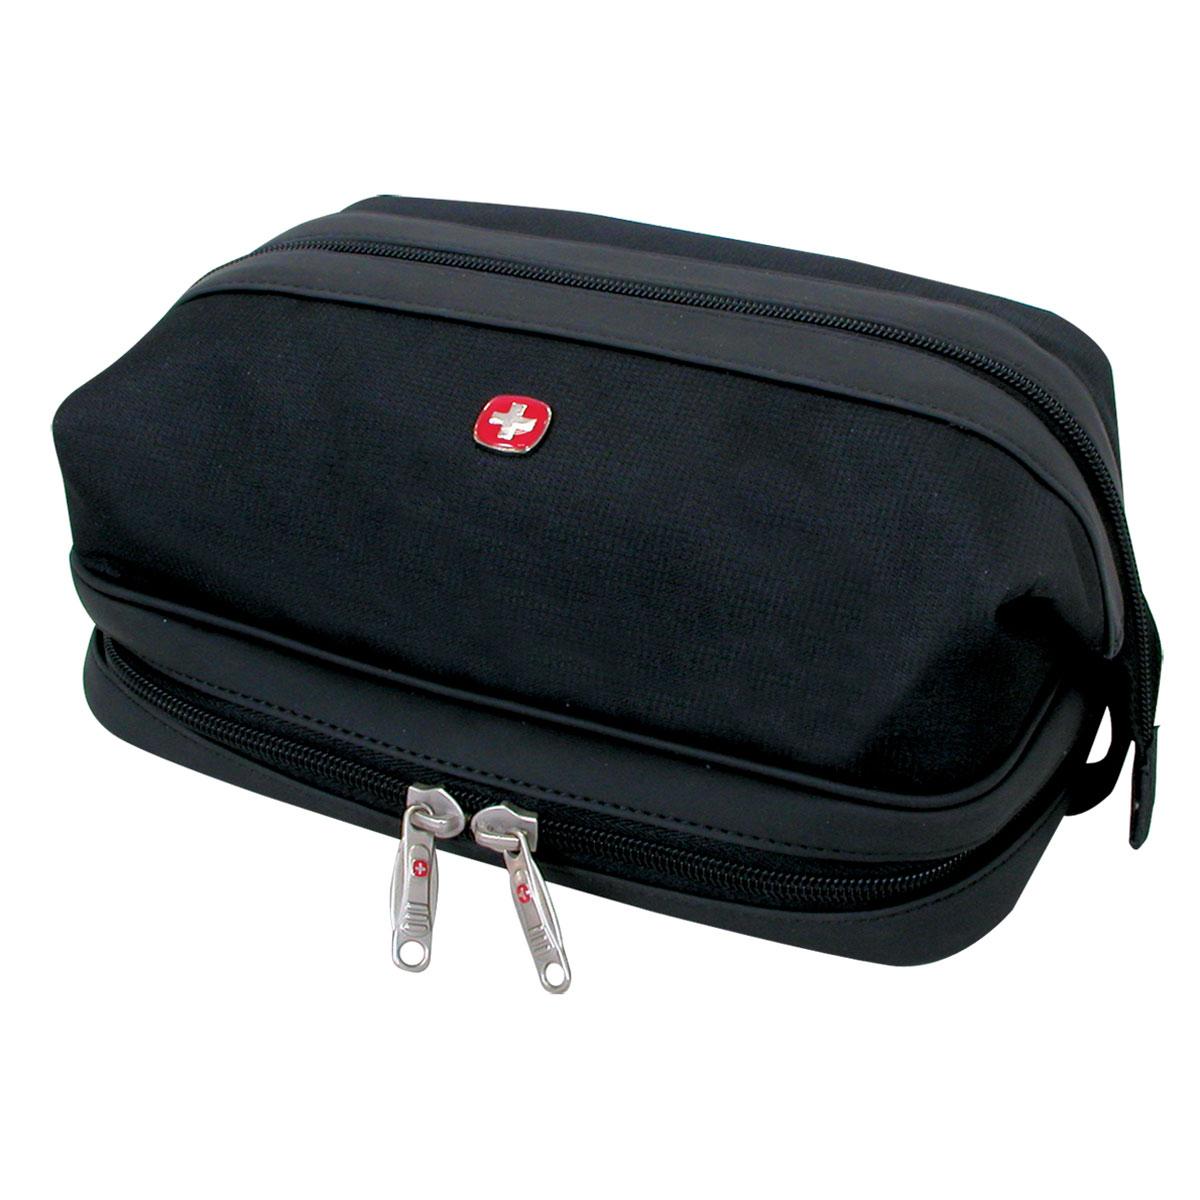 Сумка дорожная Wenger Deluxe Toiletry Kit, цвет: черный